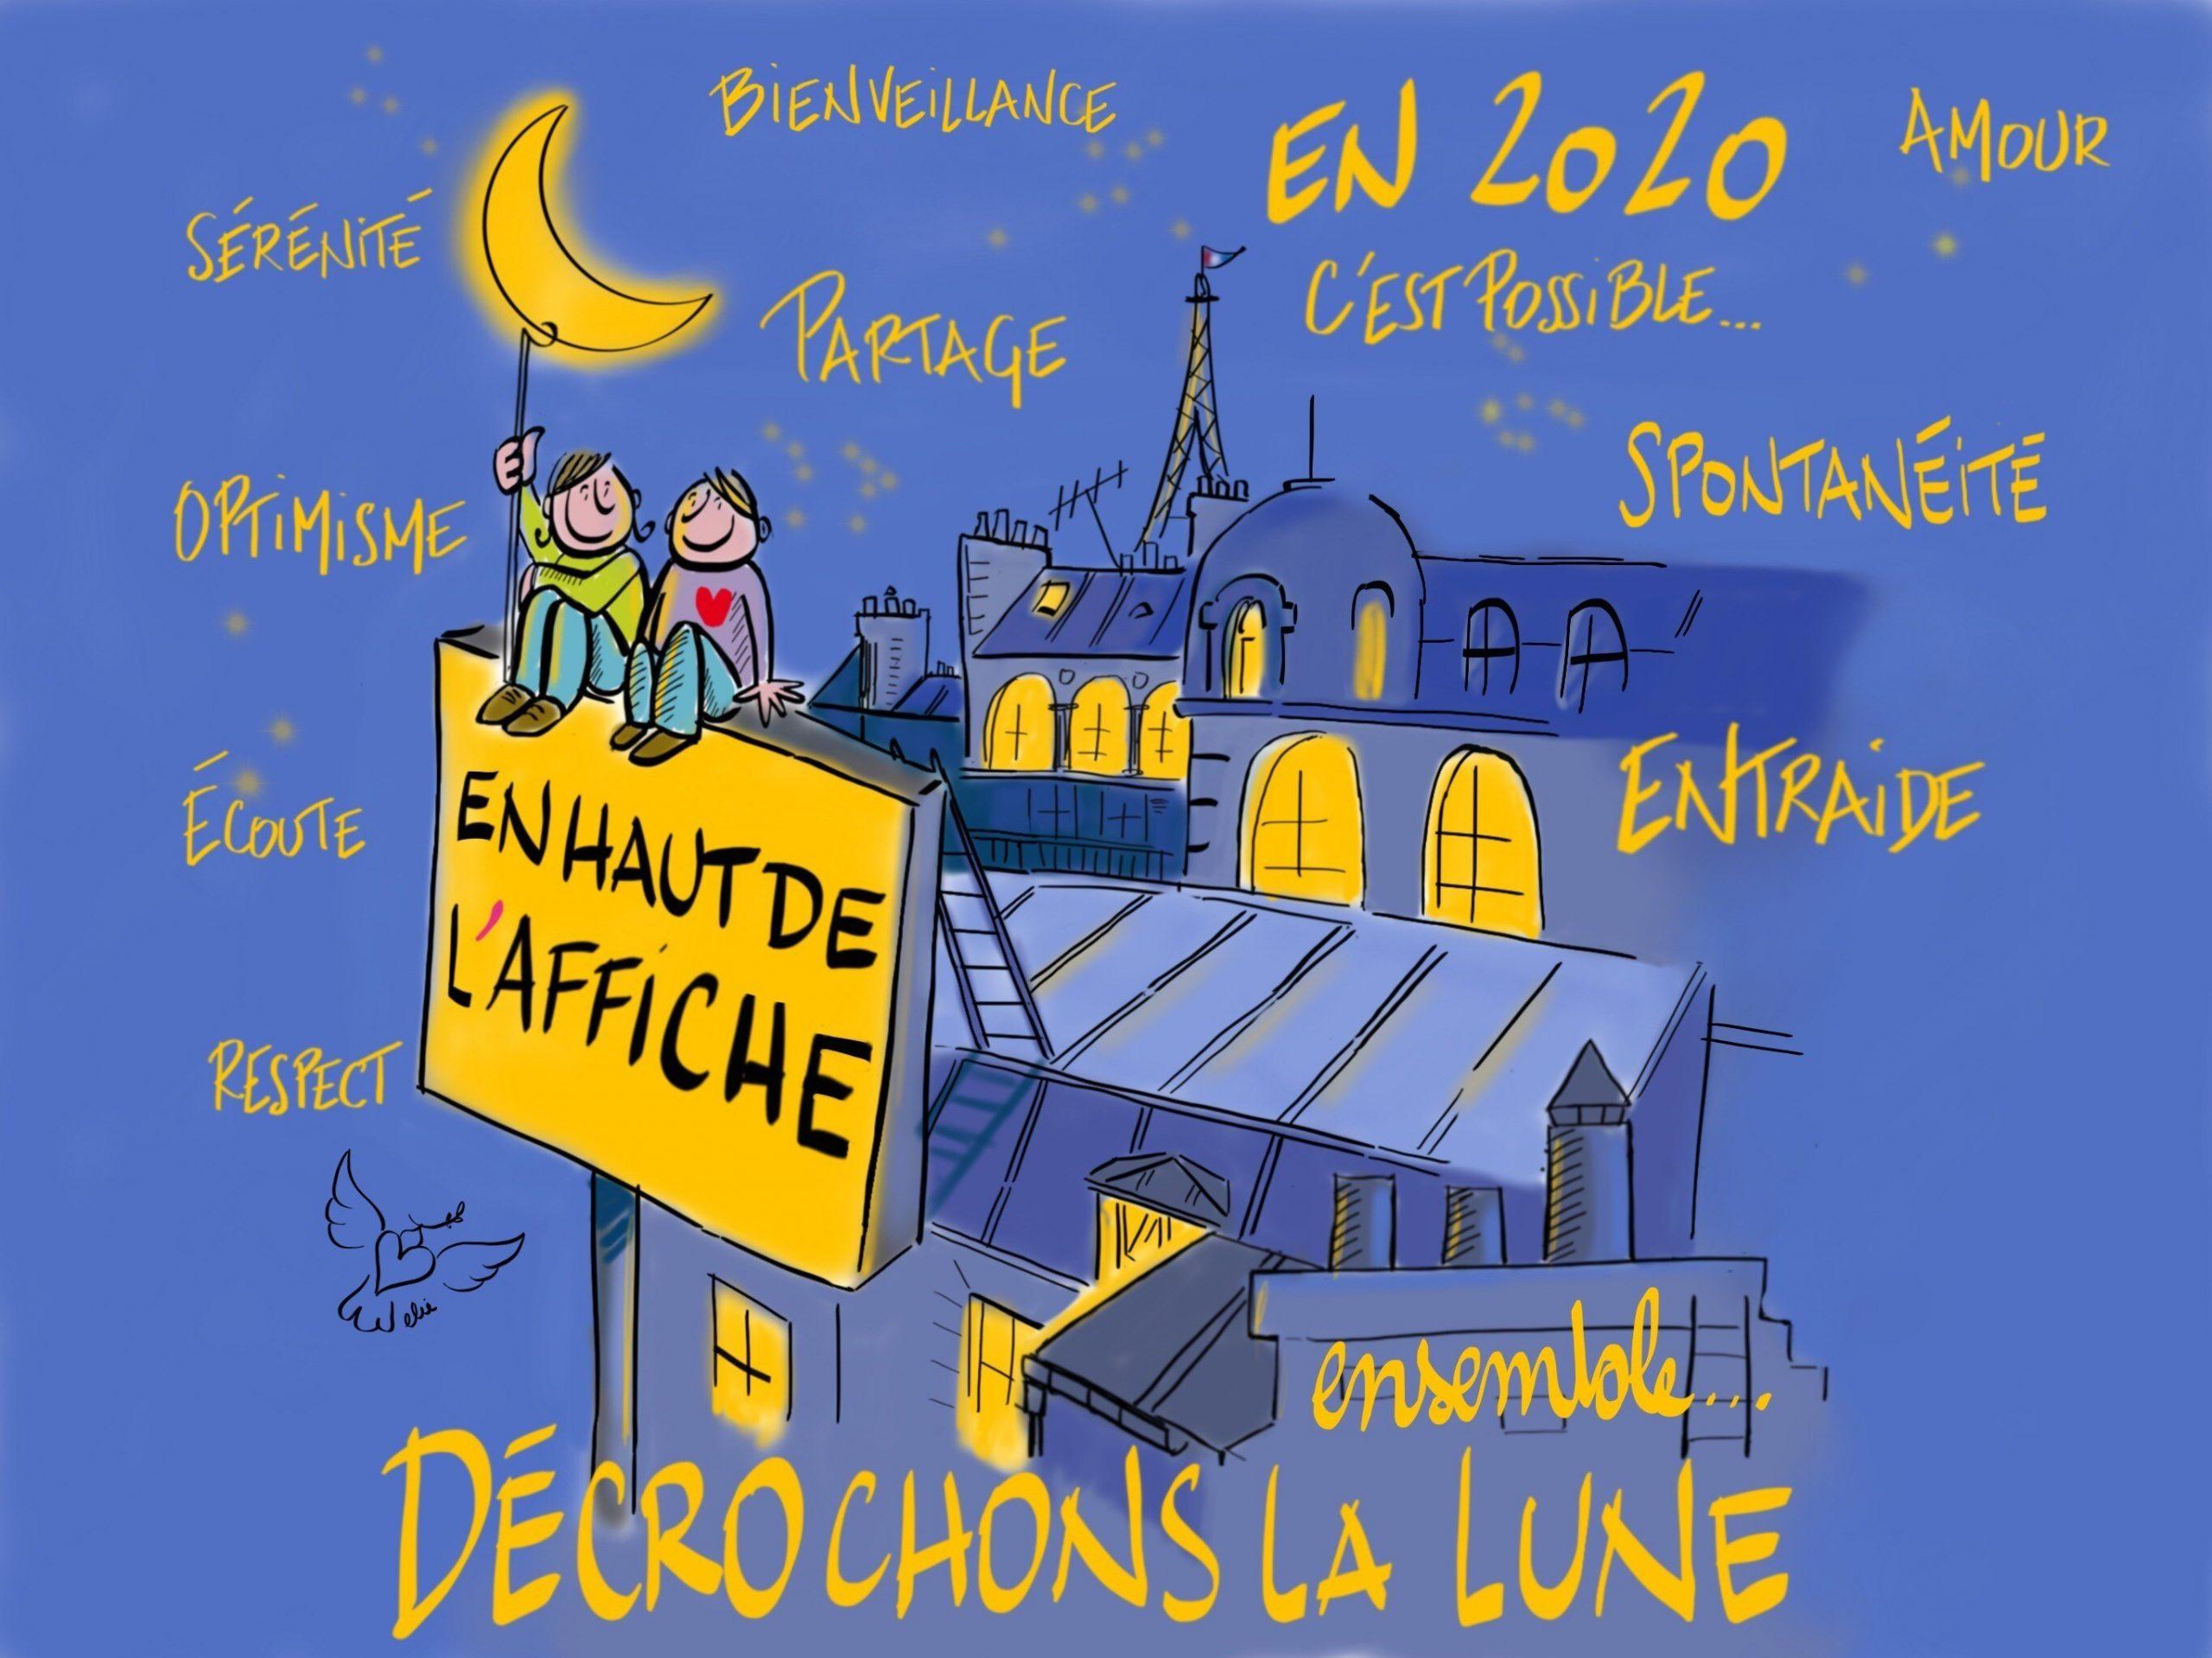 Voeux EN HAUT DE L'AFFICHE illustration par Philippe-Elie Kassabi (c)